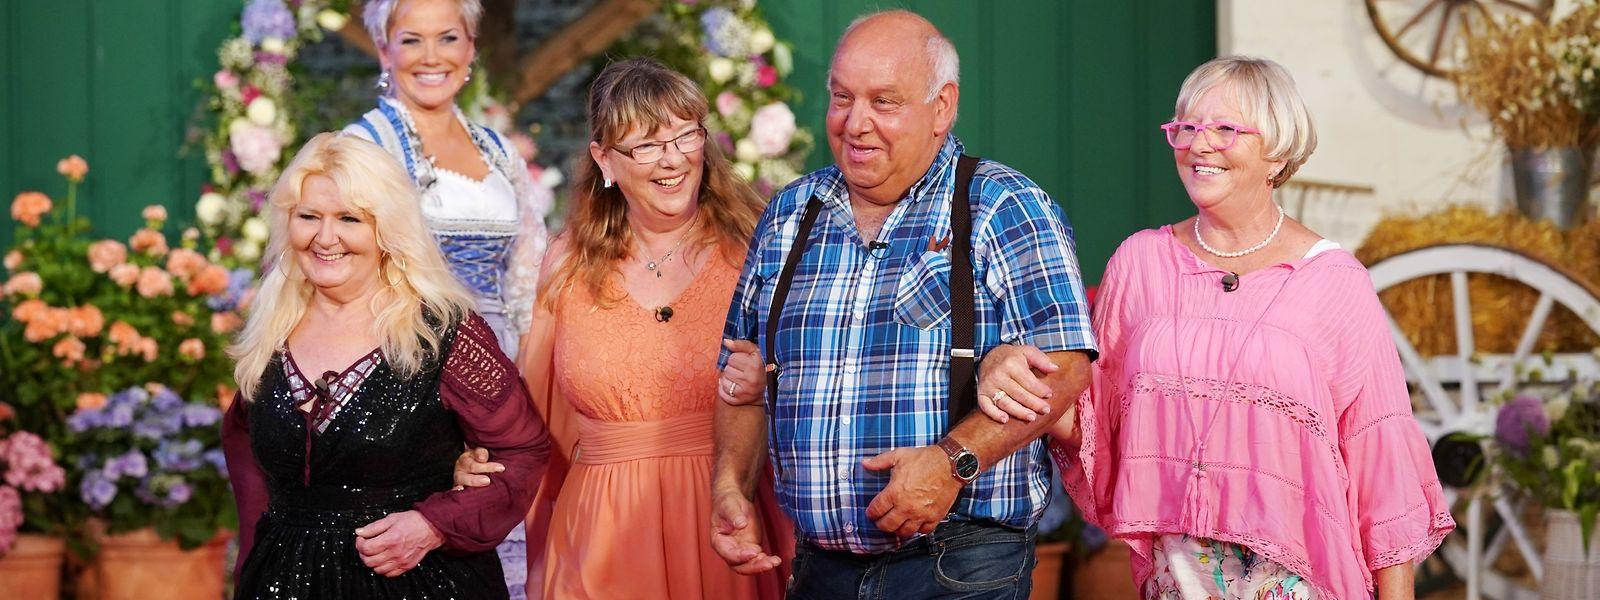 Maggie, Kerstin und Corinne (r.) kämpften beim Scheunenfest um die Gunst von Single-Landwirt Jürgen.